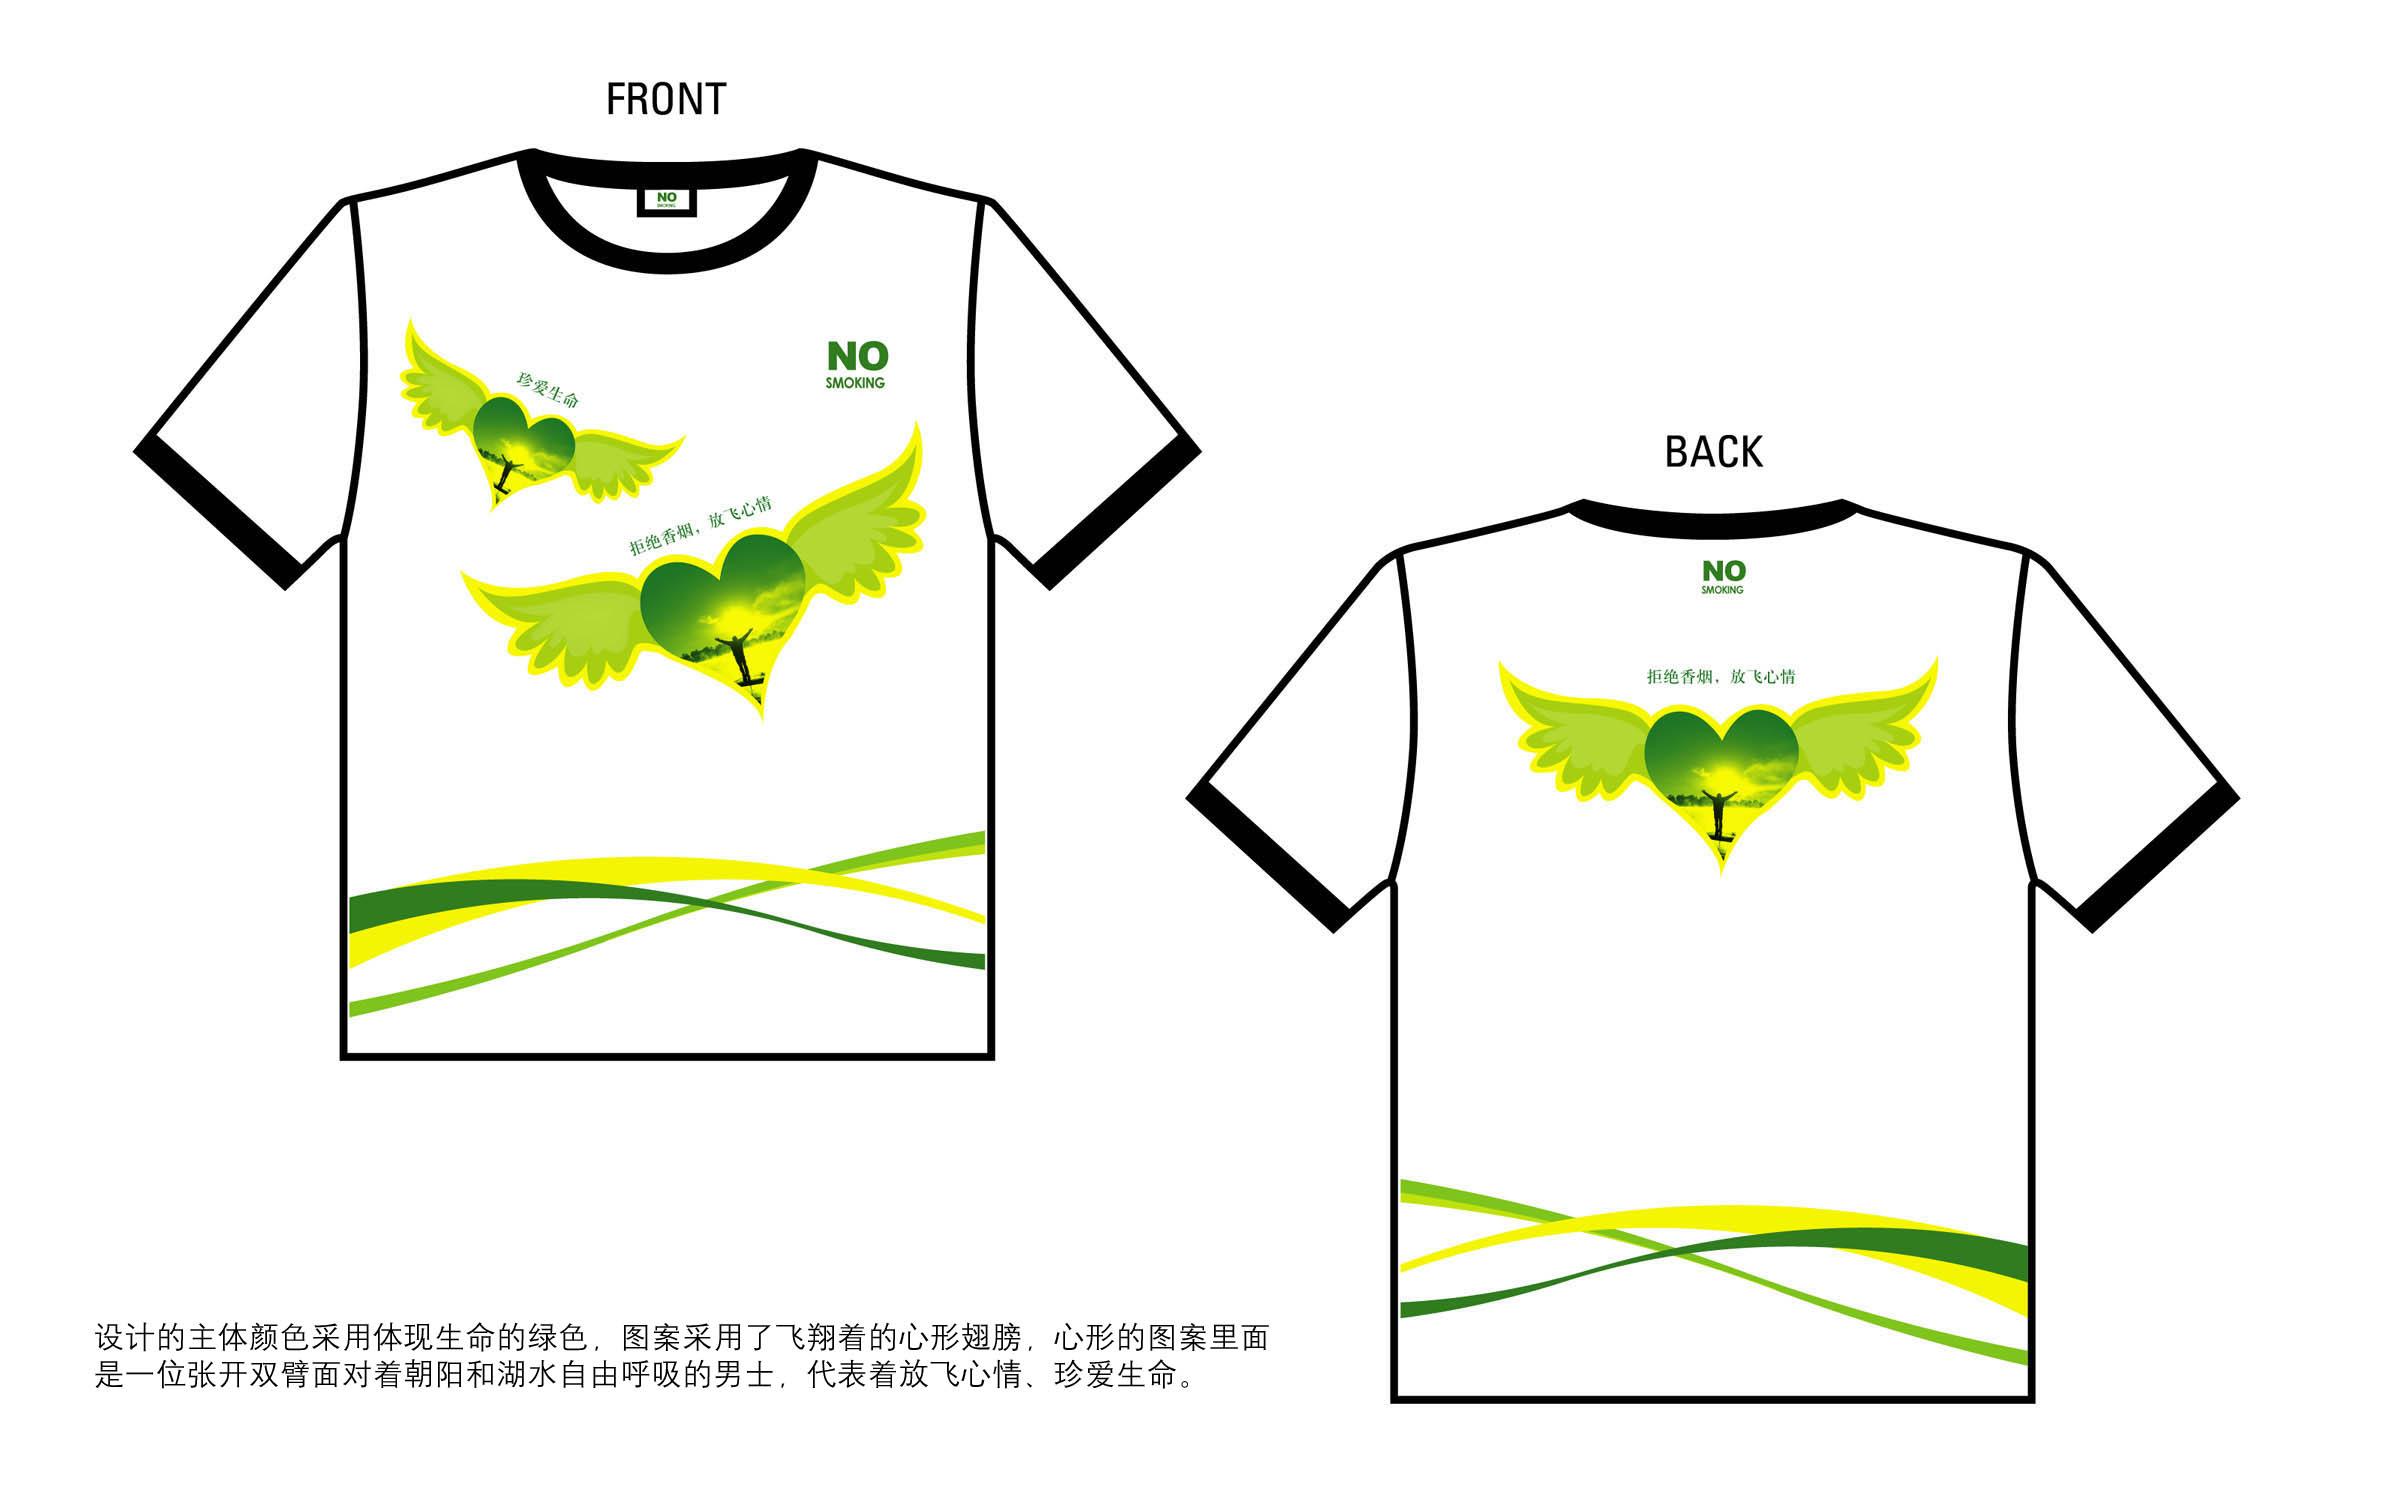 文化衫设计学生文化衫设计图案潮流文化衫设计图案; 创意文化衫 设计